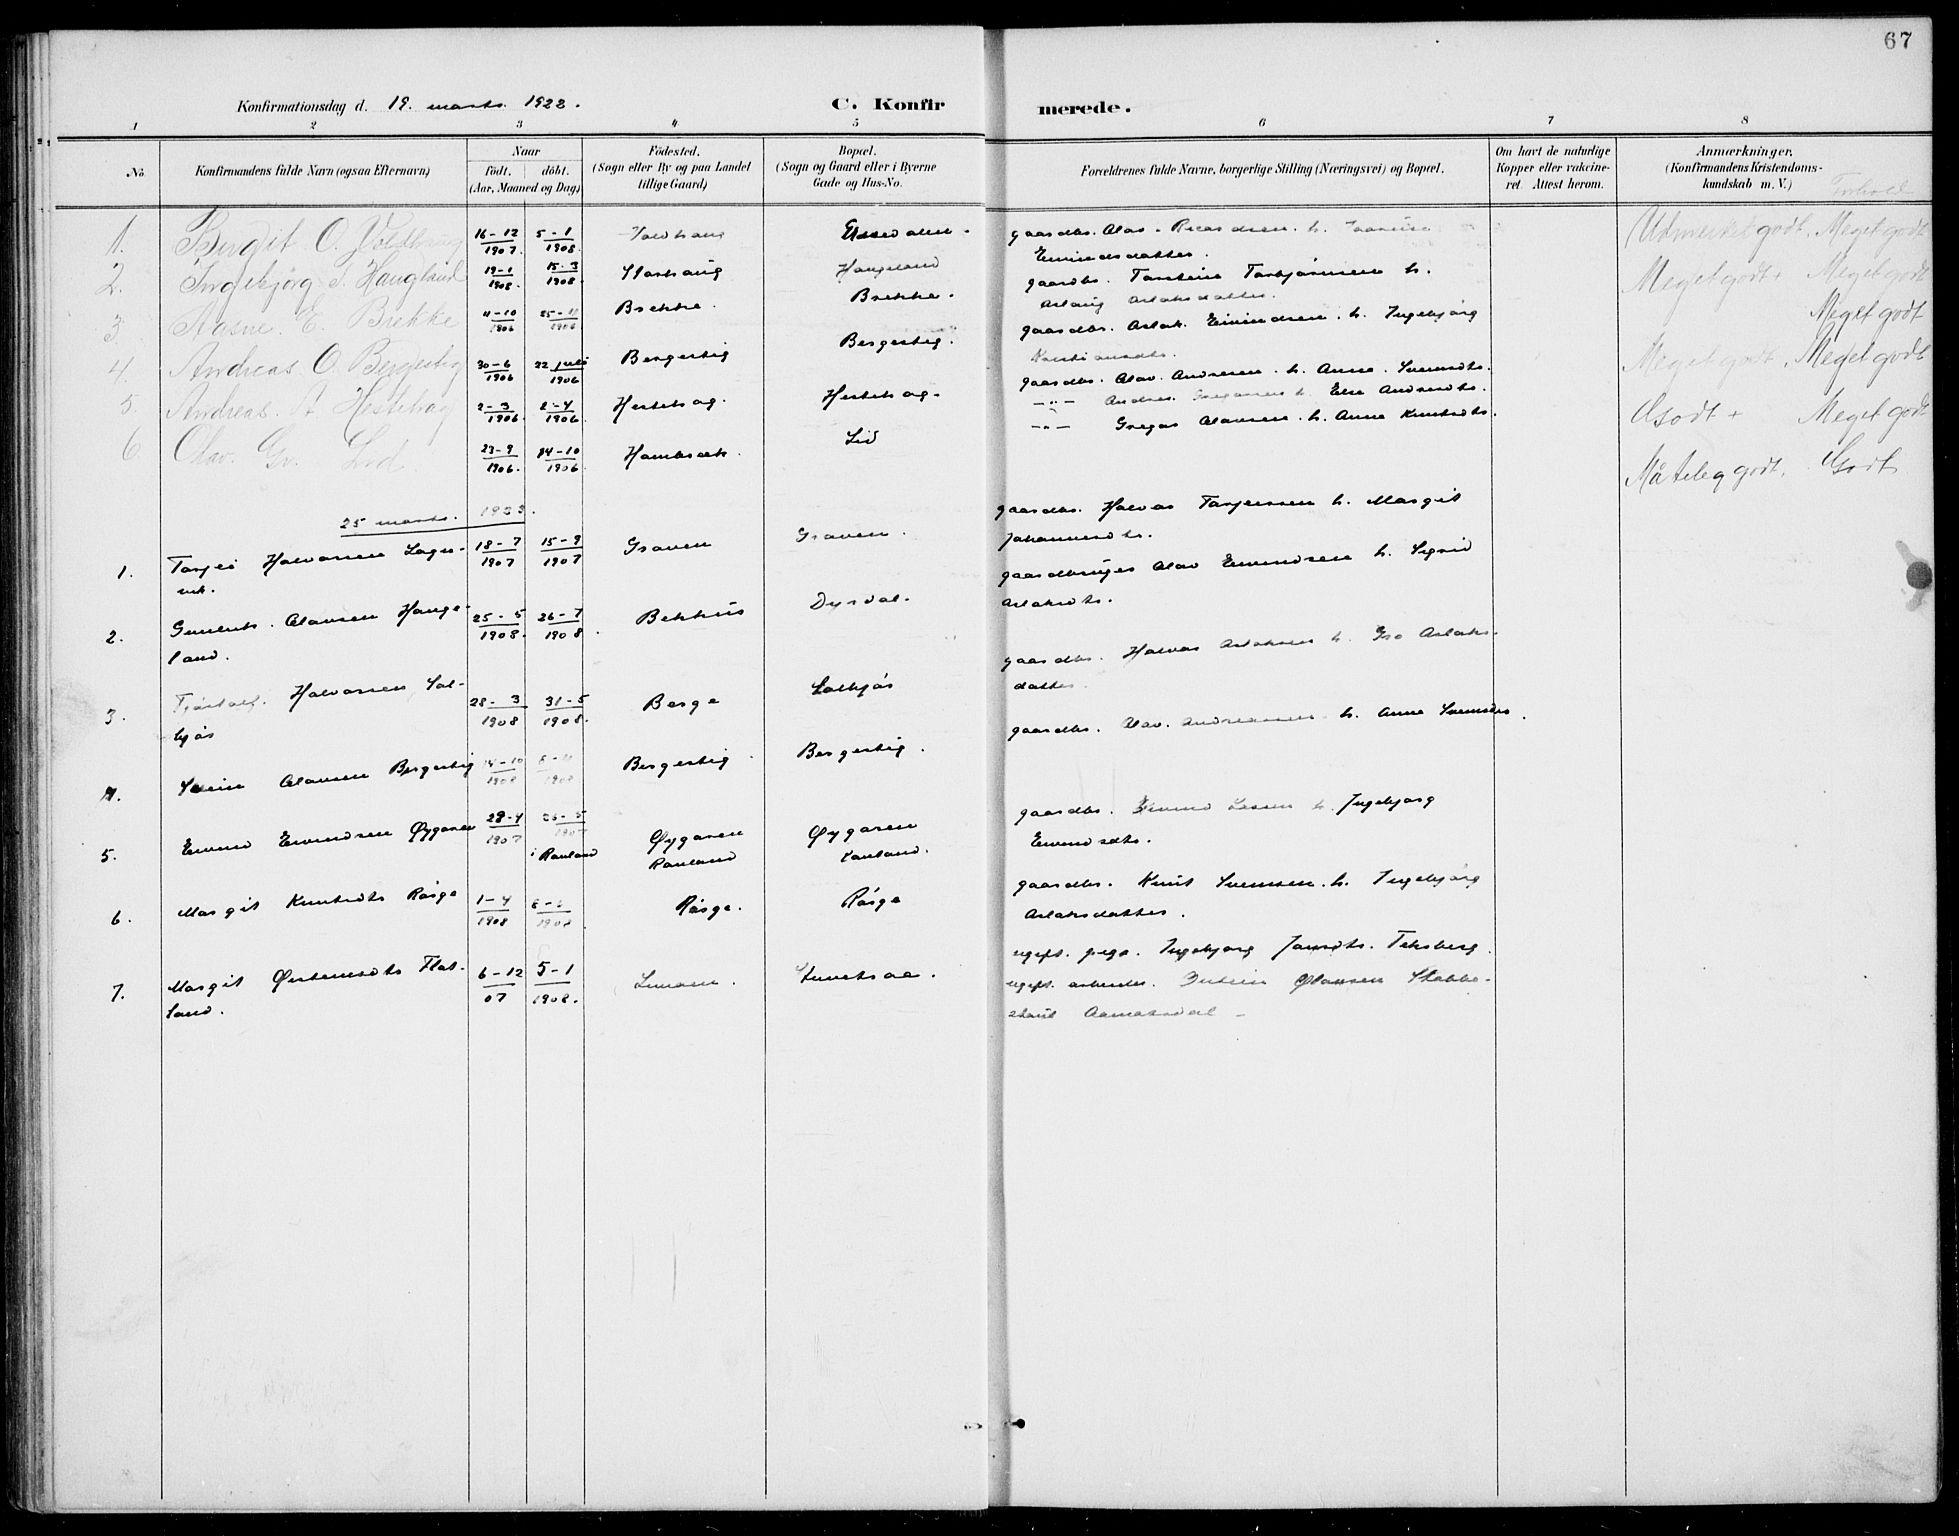 SAKO, Rauland kirkebøker, G/Gb/L0002: Klokkerbok nr. II 2, 1887-1937, s. 67